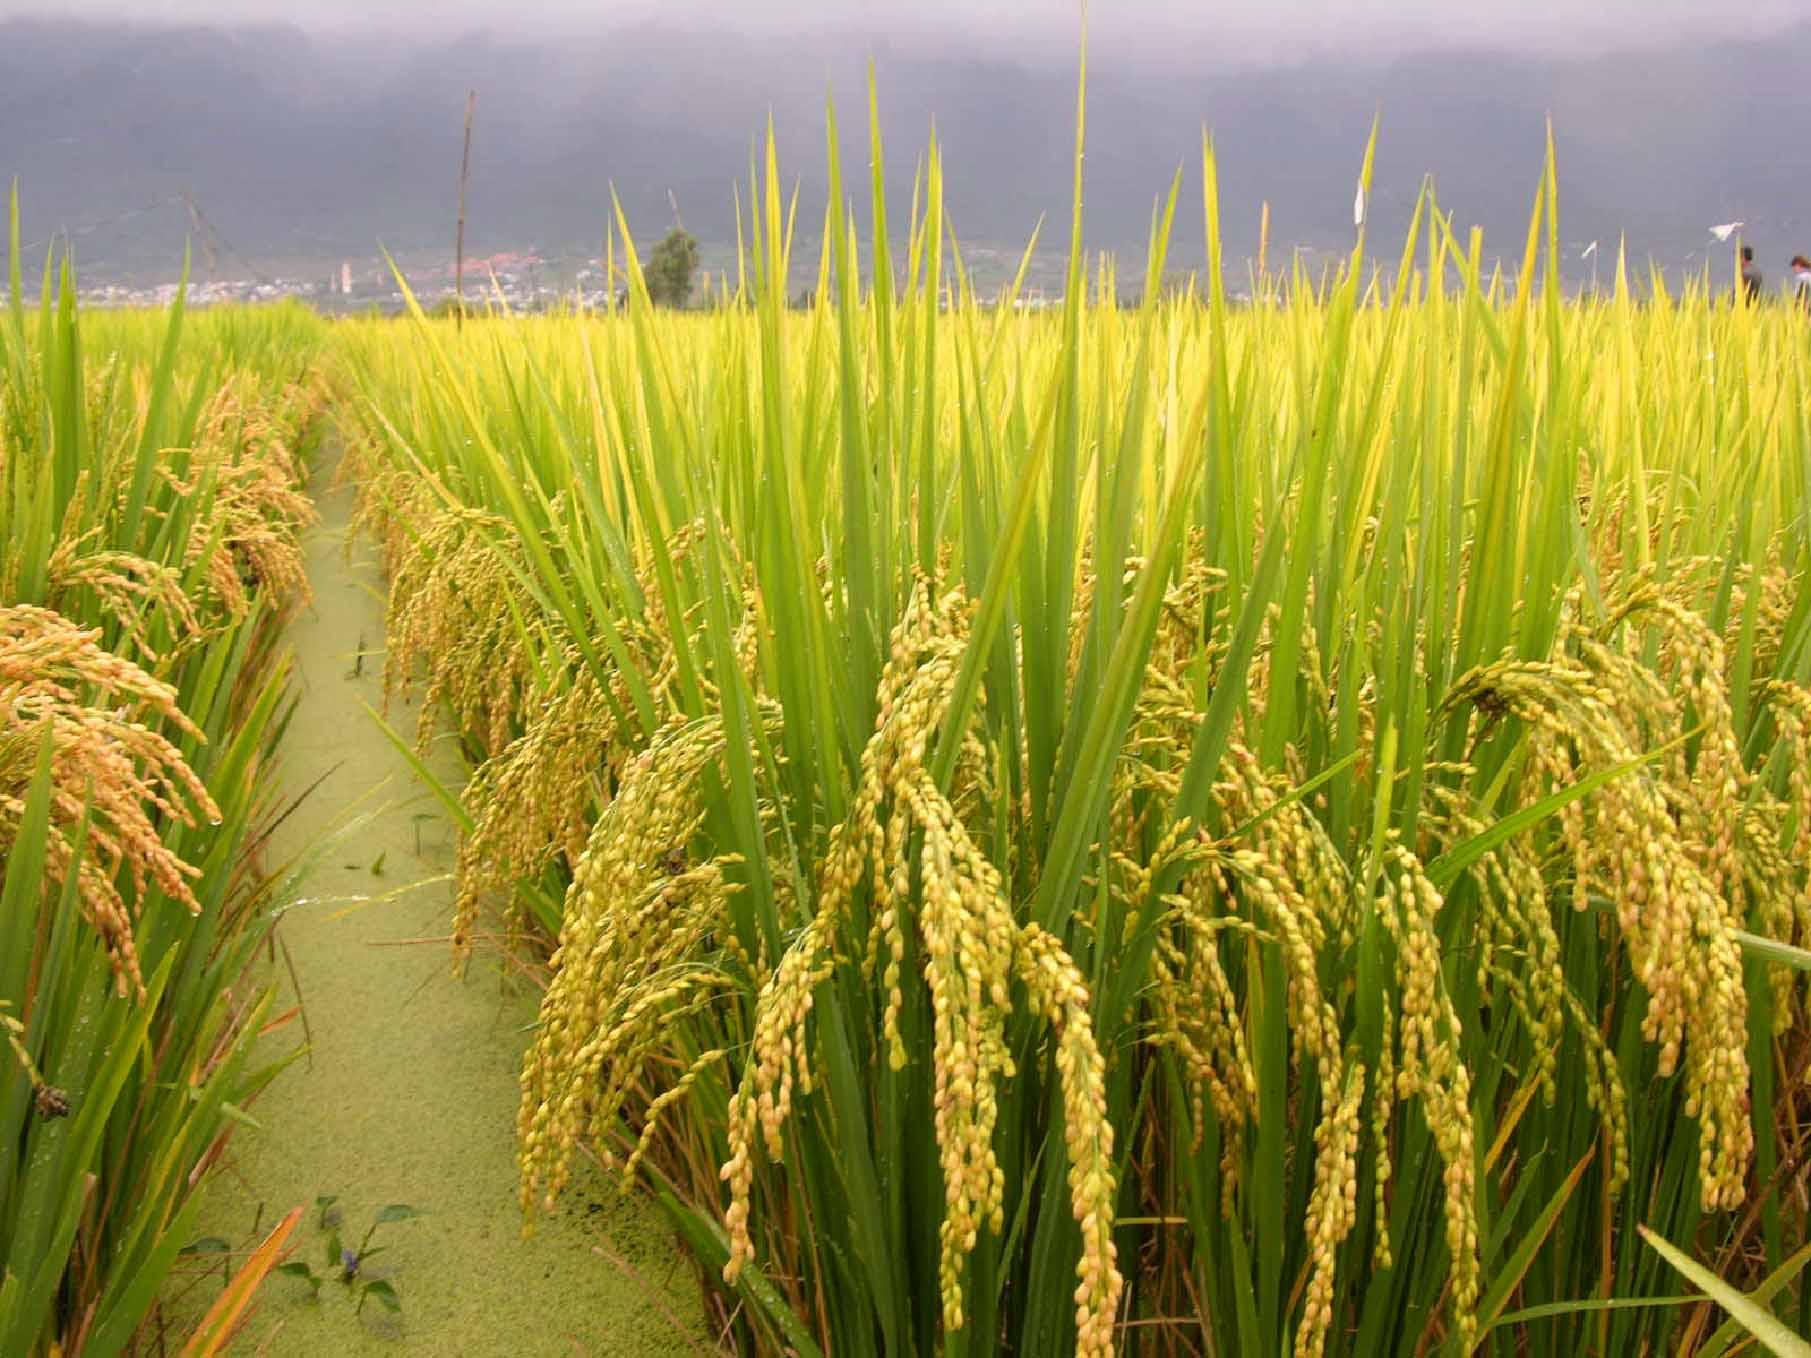 粳稻期货保证金 一手粳稻保证金多少钱